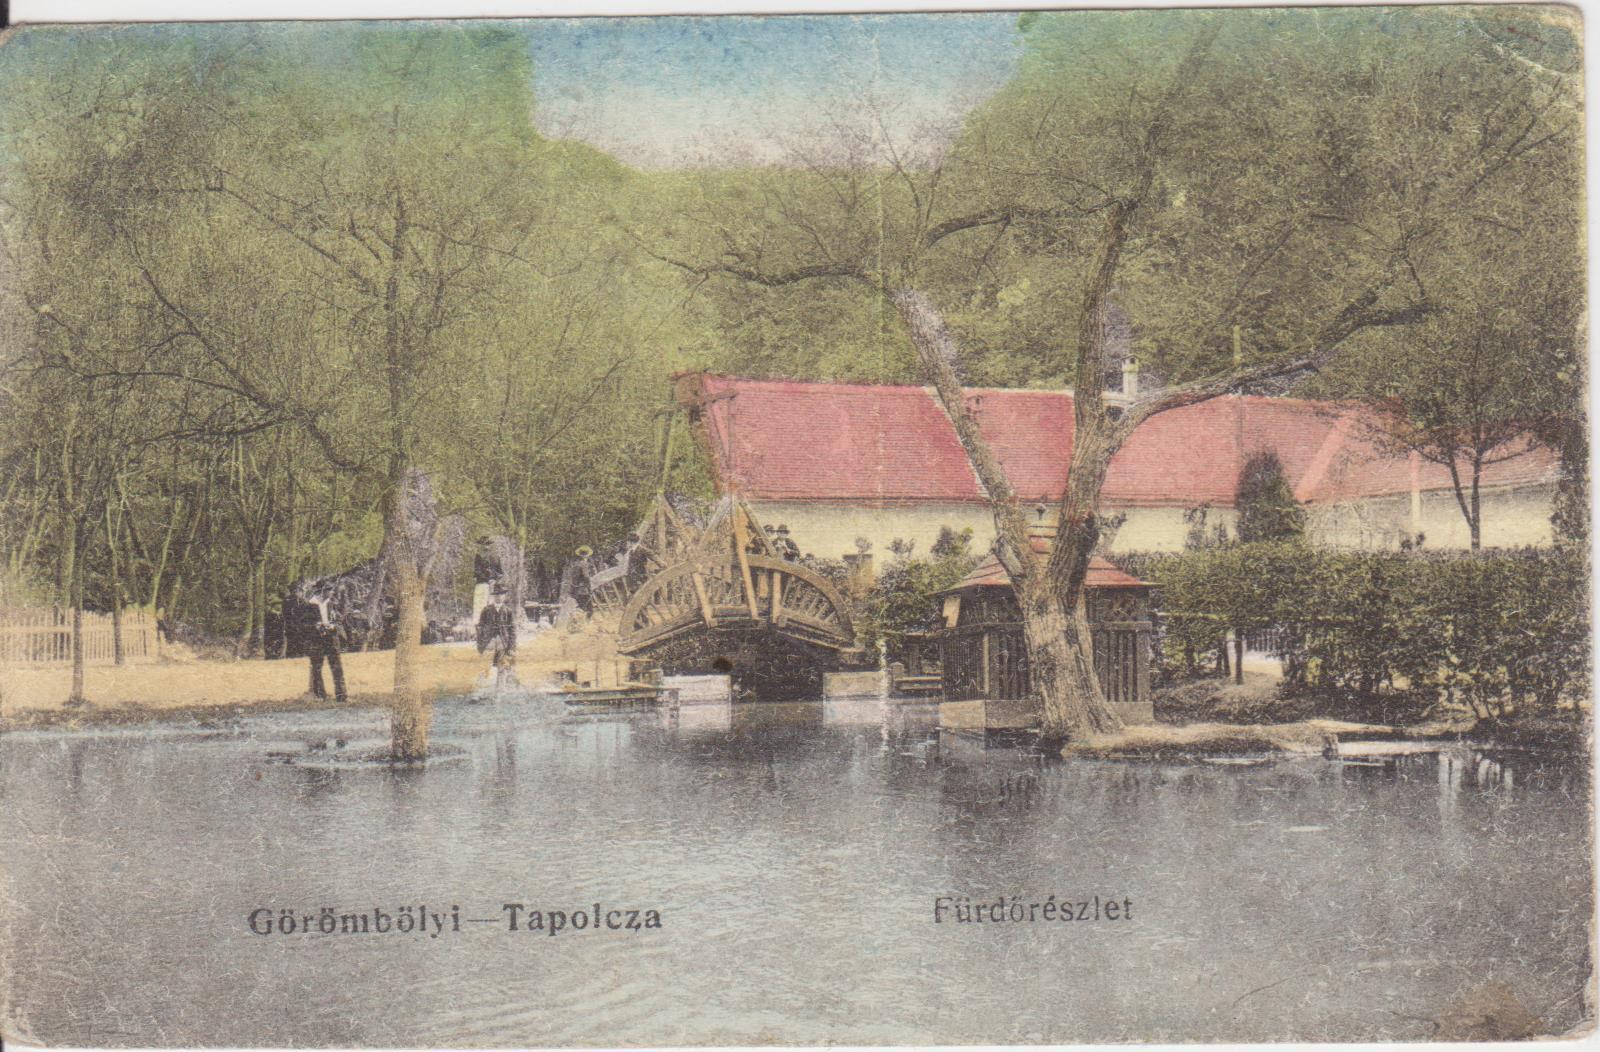 Színezett képeslap a régi fürdőépületről